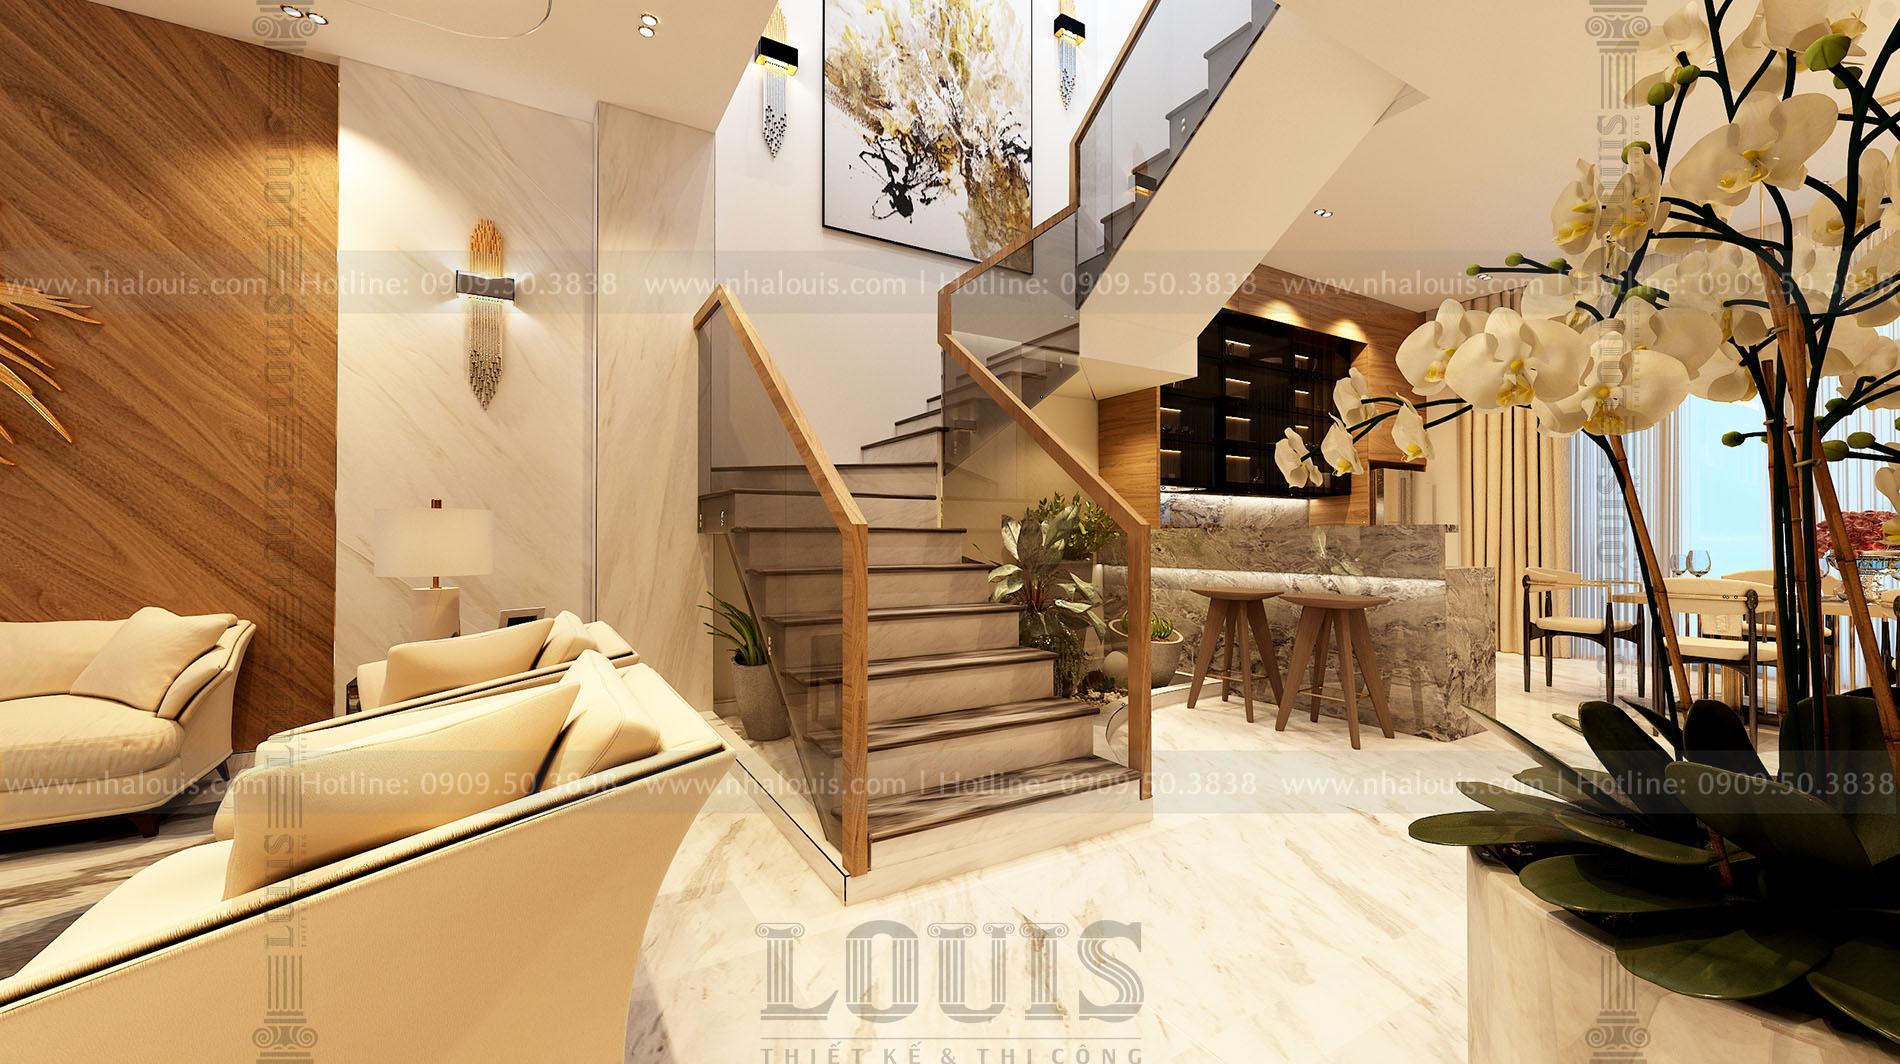 Thiết kế cải tạo nội thất nhà phố 2 tầng phong cách hiện đại tại Bình Dương